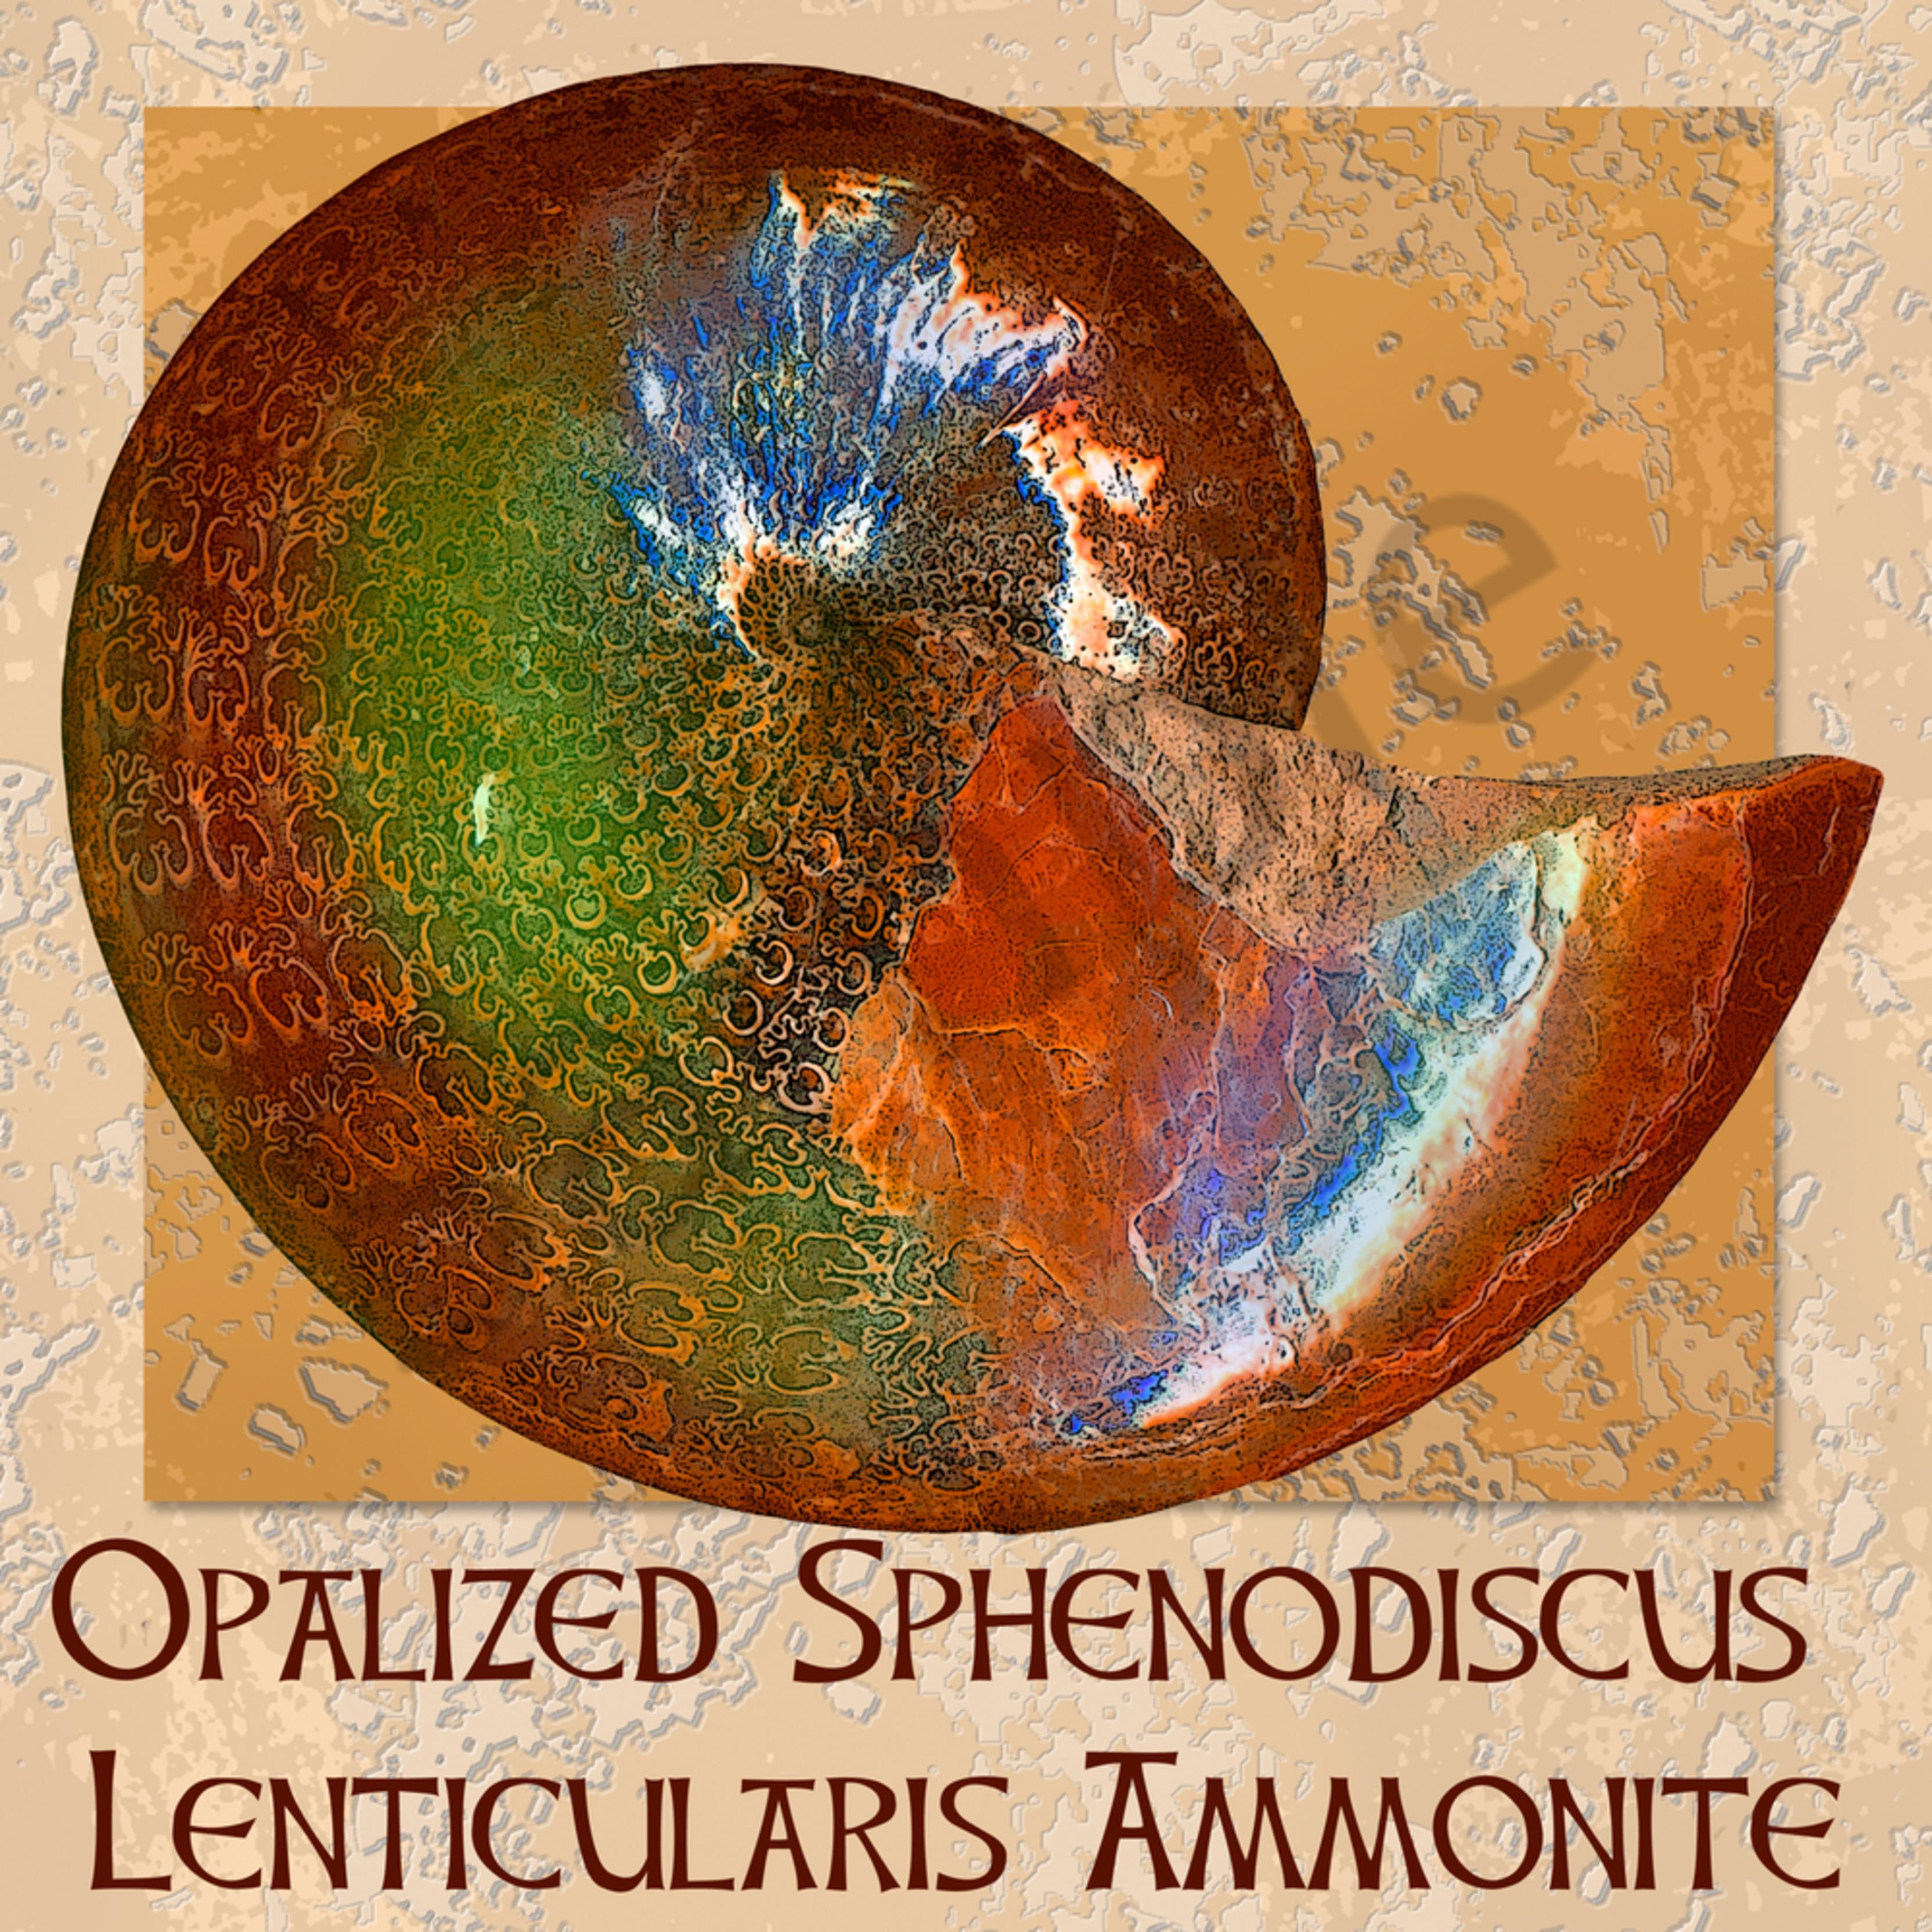 Opalized sphenodiscus lenticularis qmwsku